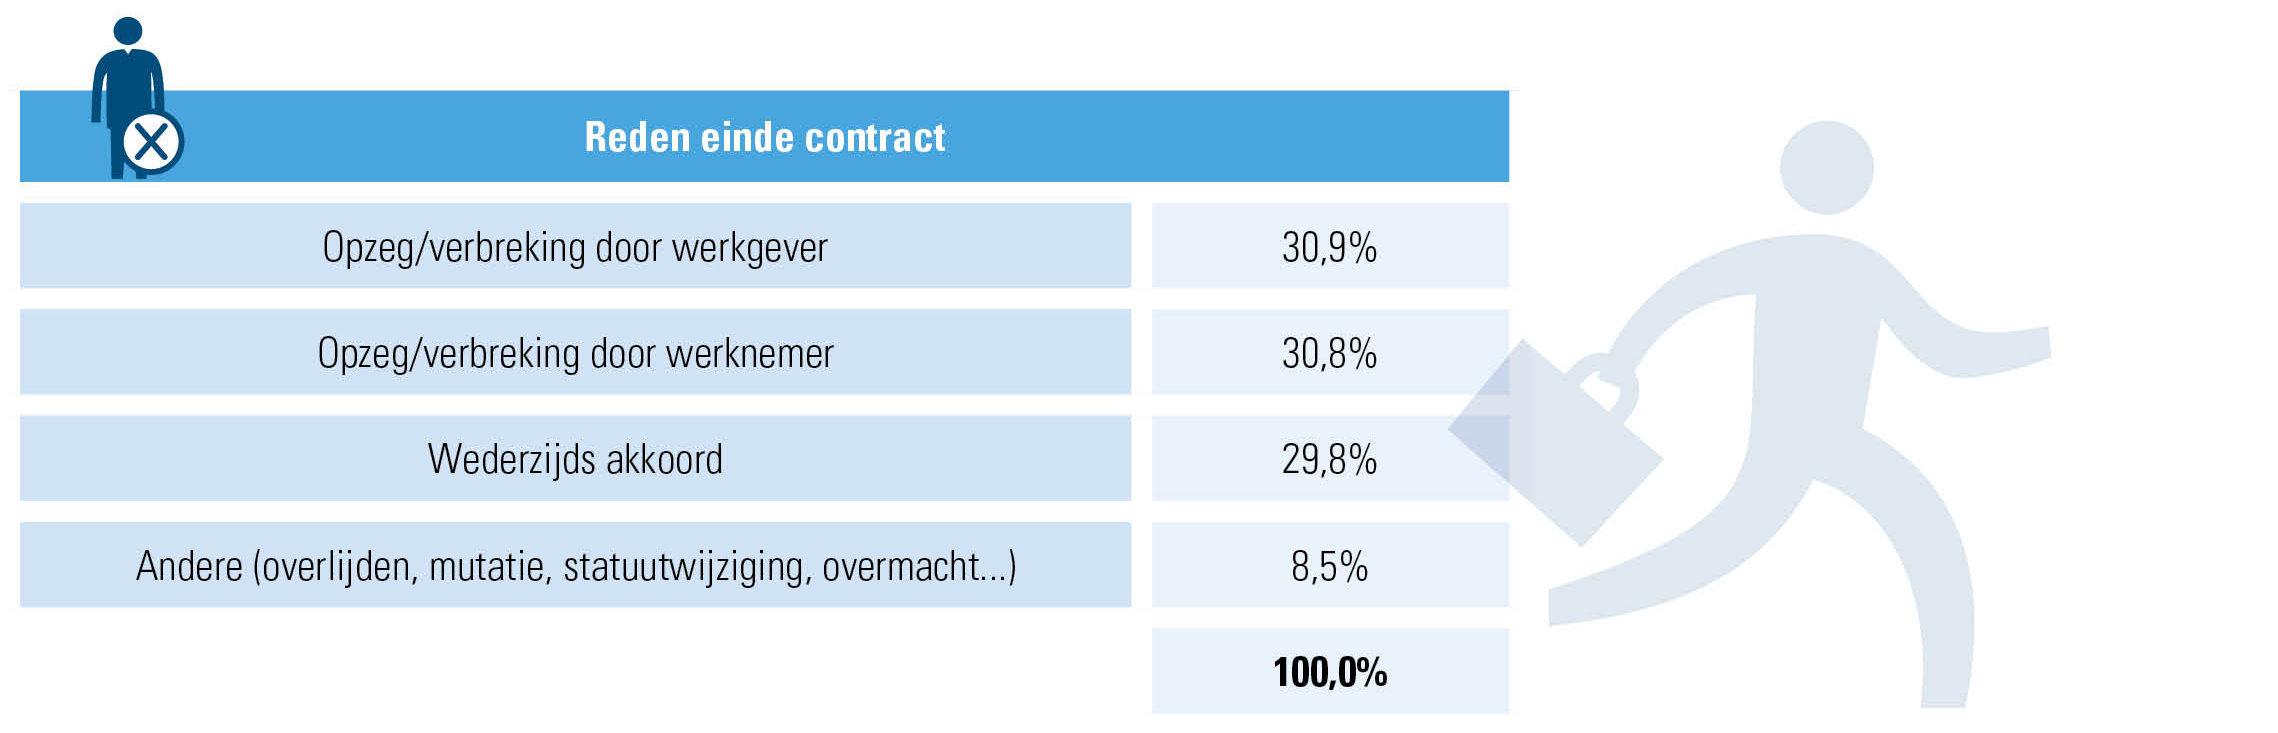 Beëindiging van arbeidsovereenkomsten voor onbepaalde tijd